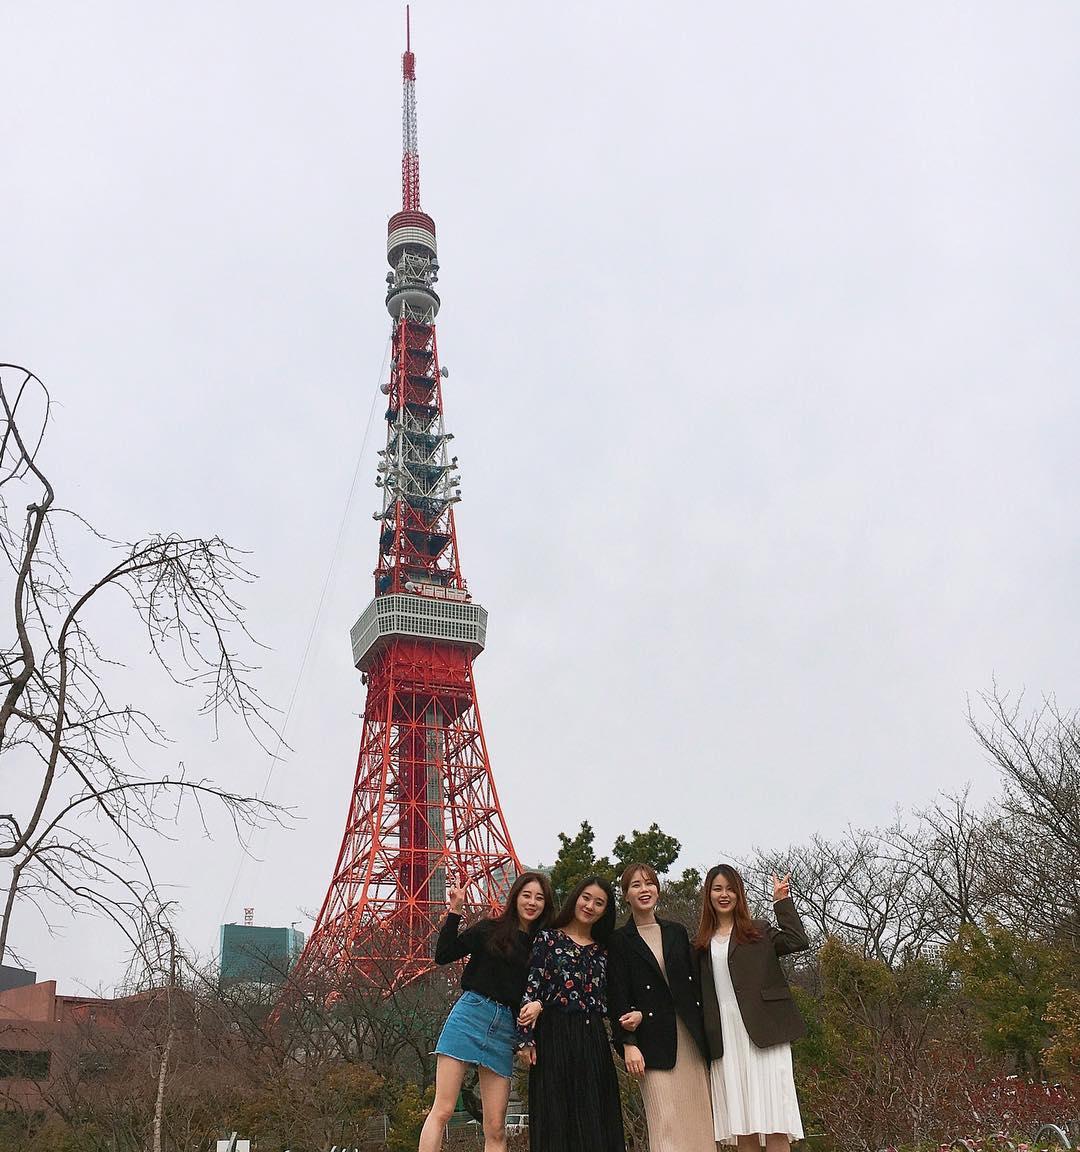 17439147 1379678658781633 6835308870965919744 n 도쿄타워 배경의 미녀 4인방, 도쿄 원피스 타워